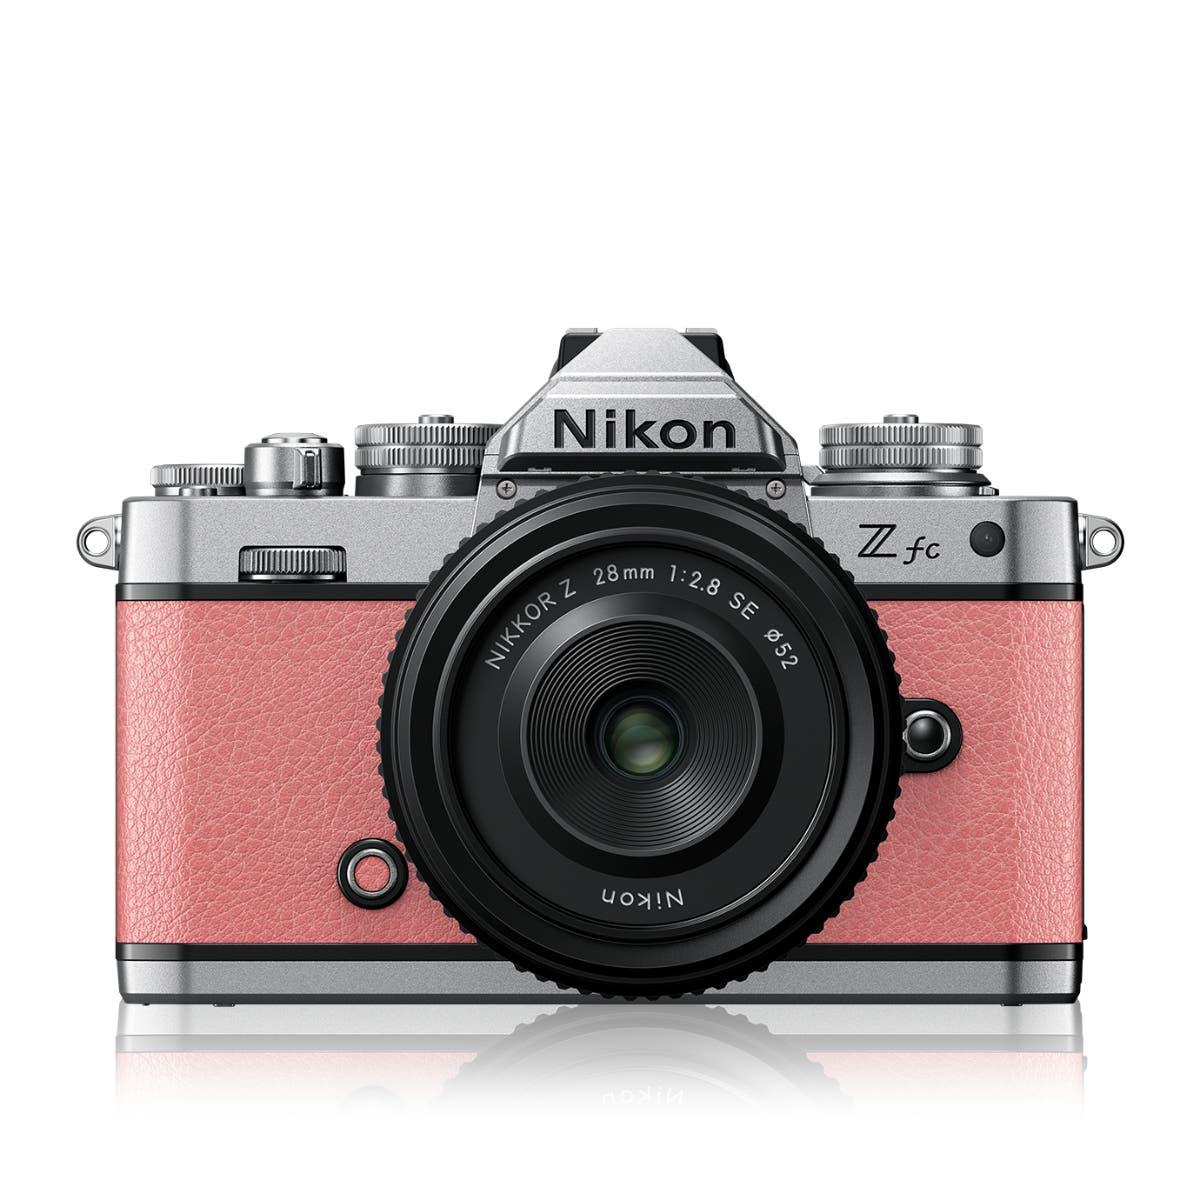 Z fc Coral Pink + NIKKOR Z 28 f/2.8 (SE)